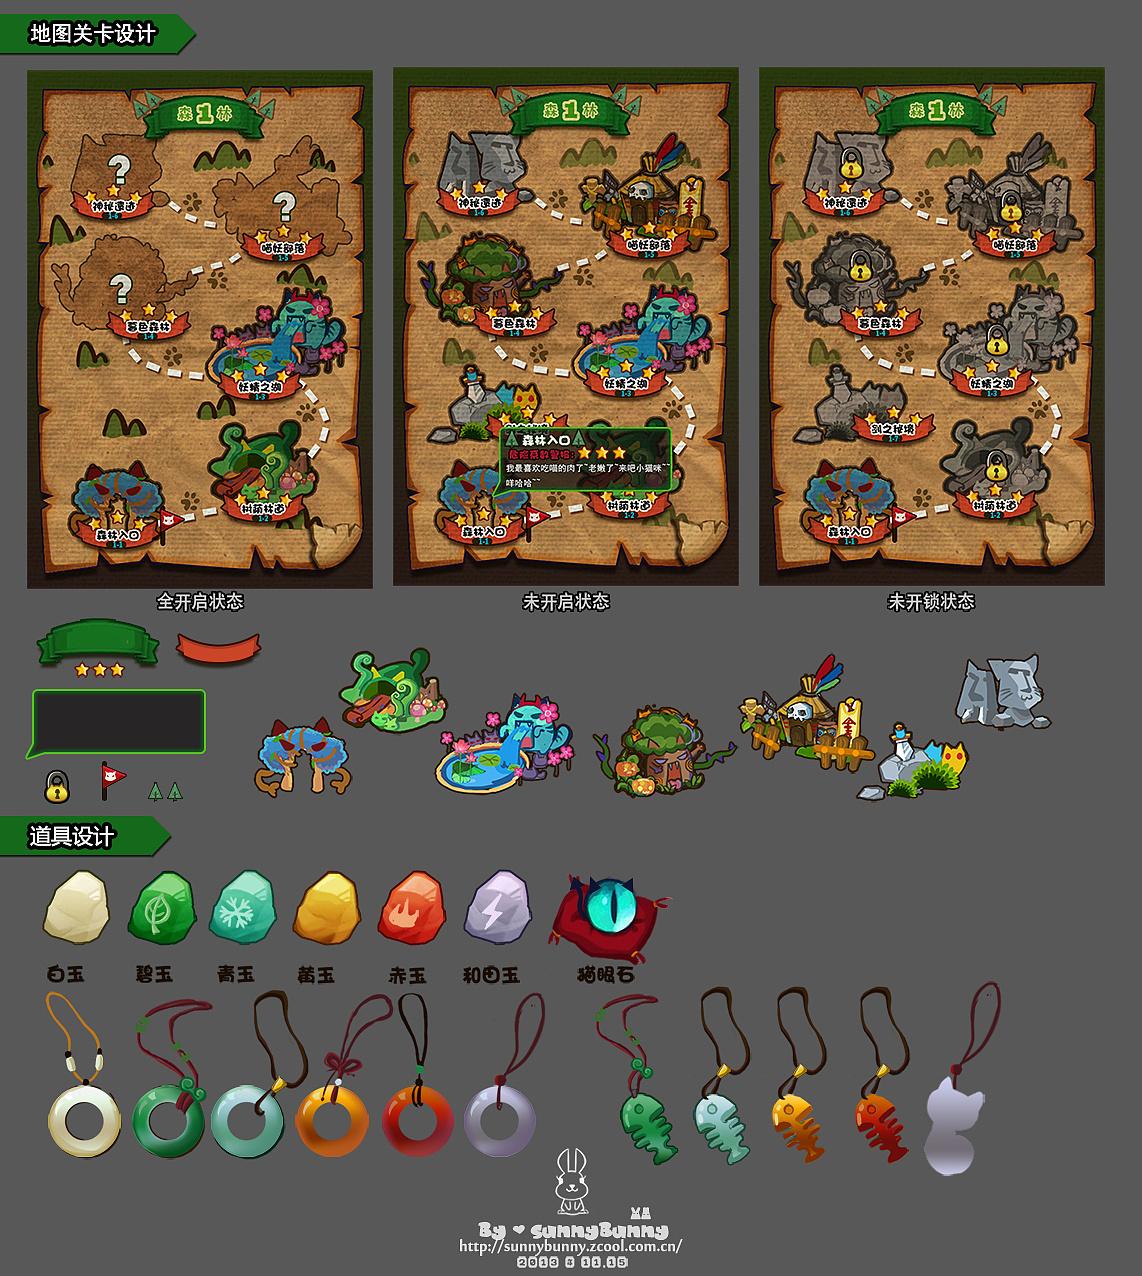 游戏关卡【精选3篇】 游戏关卡设计包括